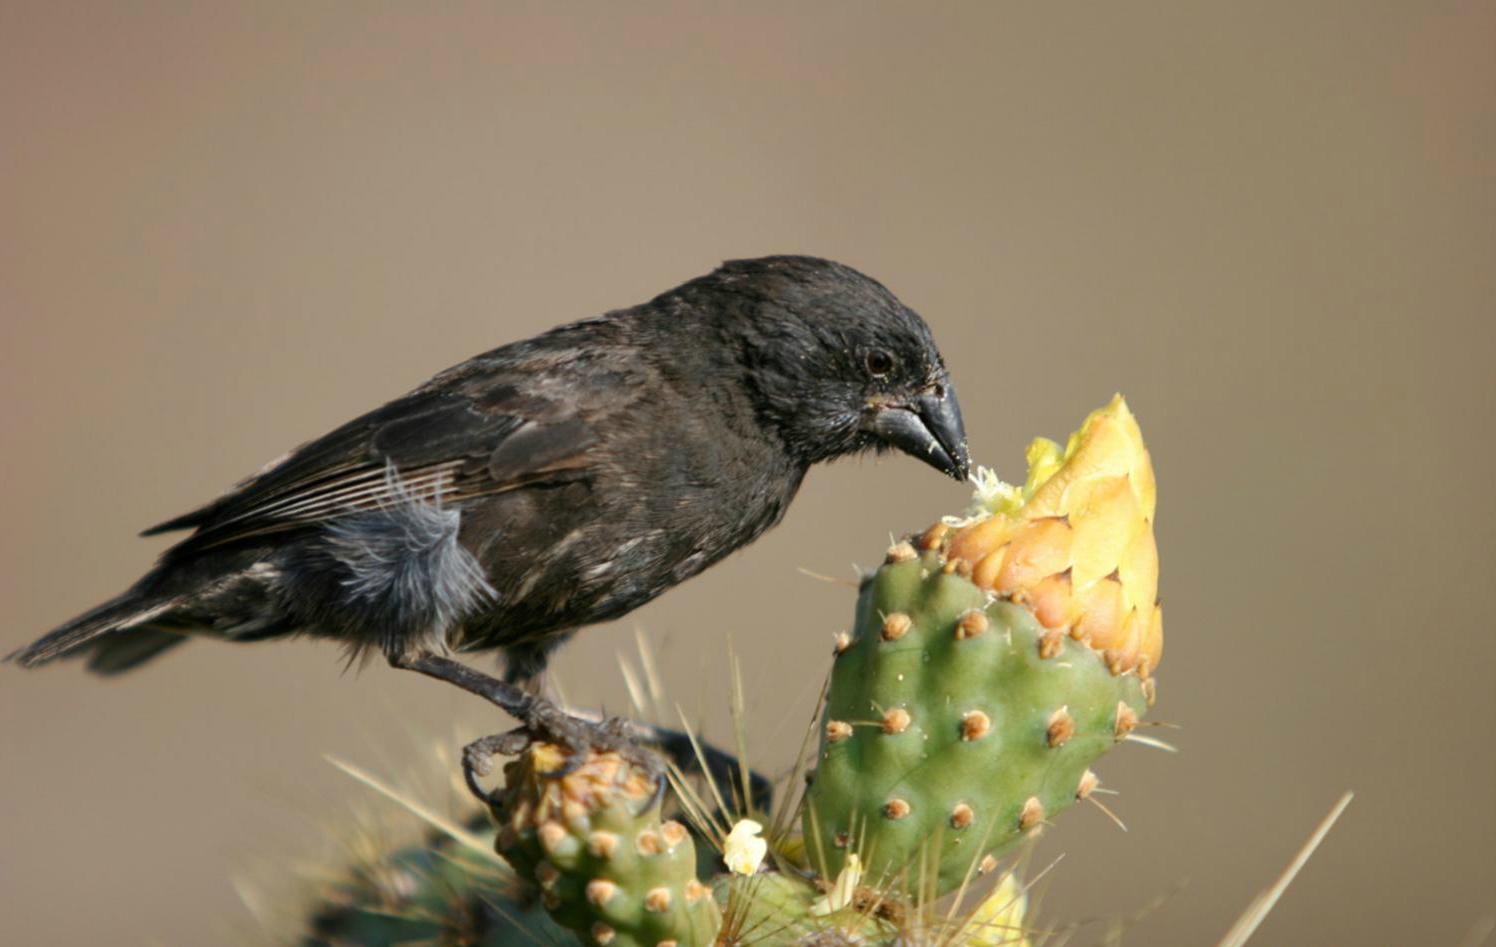 эволюция дарвиновых вьюрков была отслежена на генетическом уровне